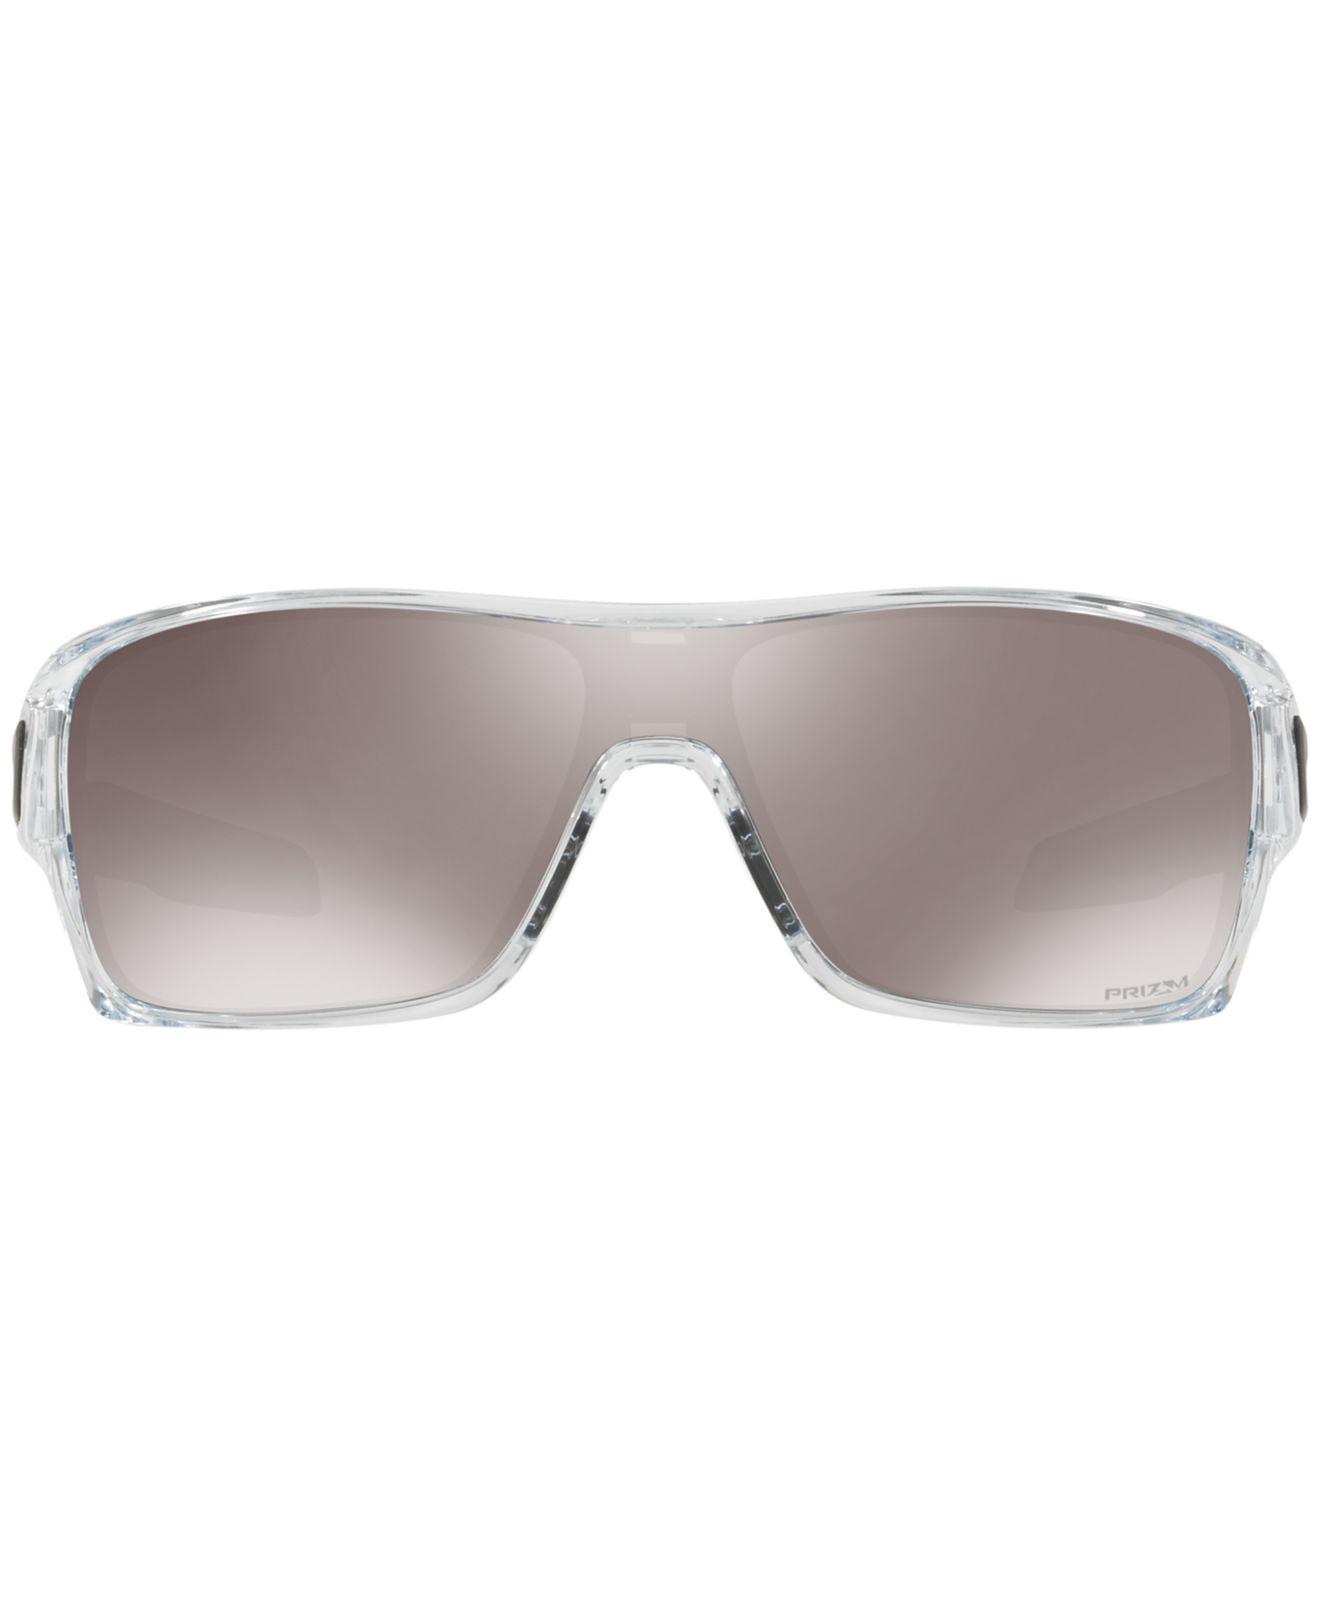 Lyst - Oakley Turbine Rotor Sunglasses 771b3db911